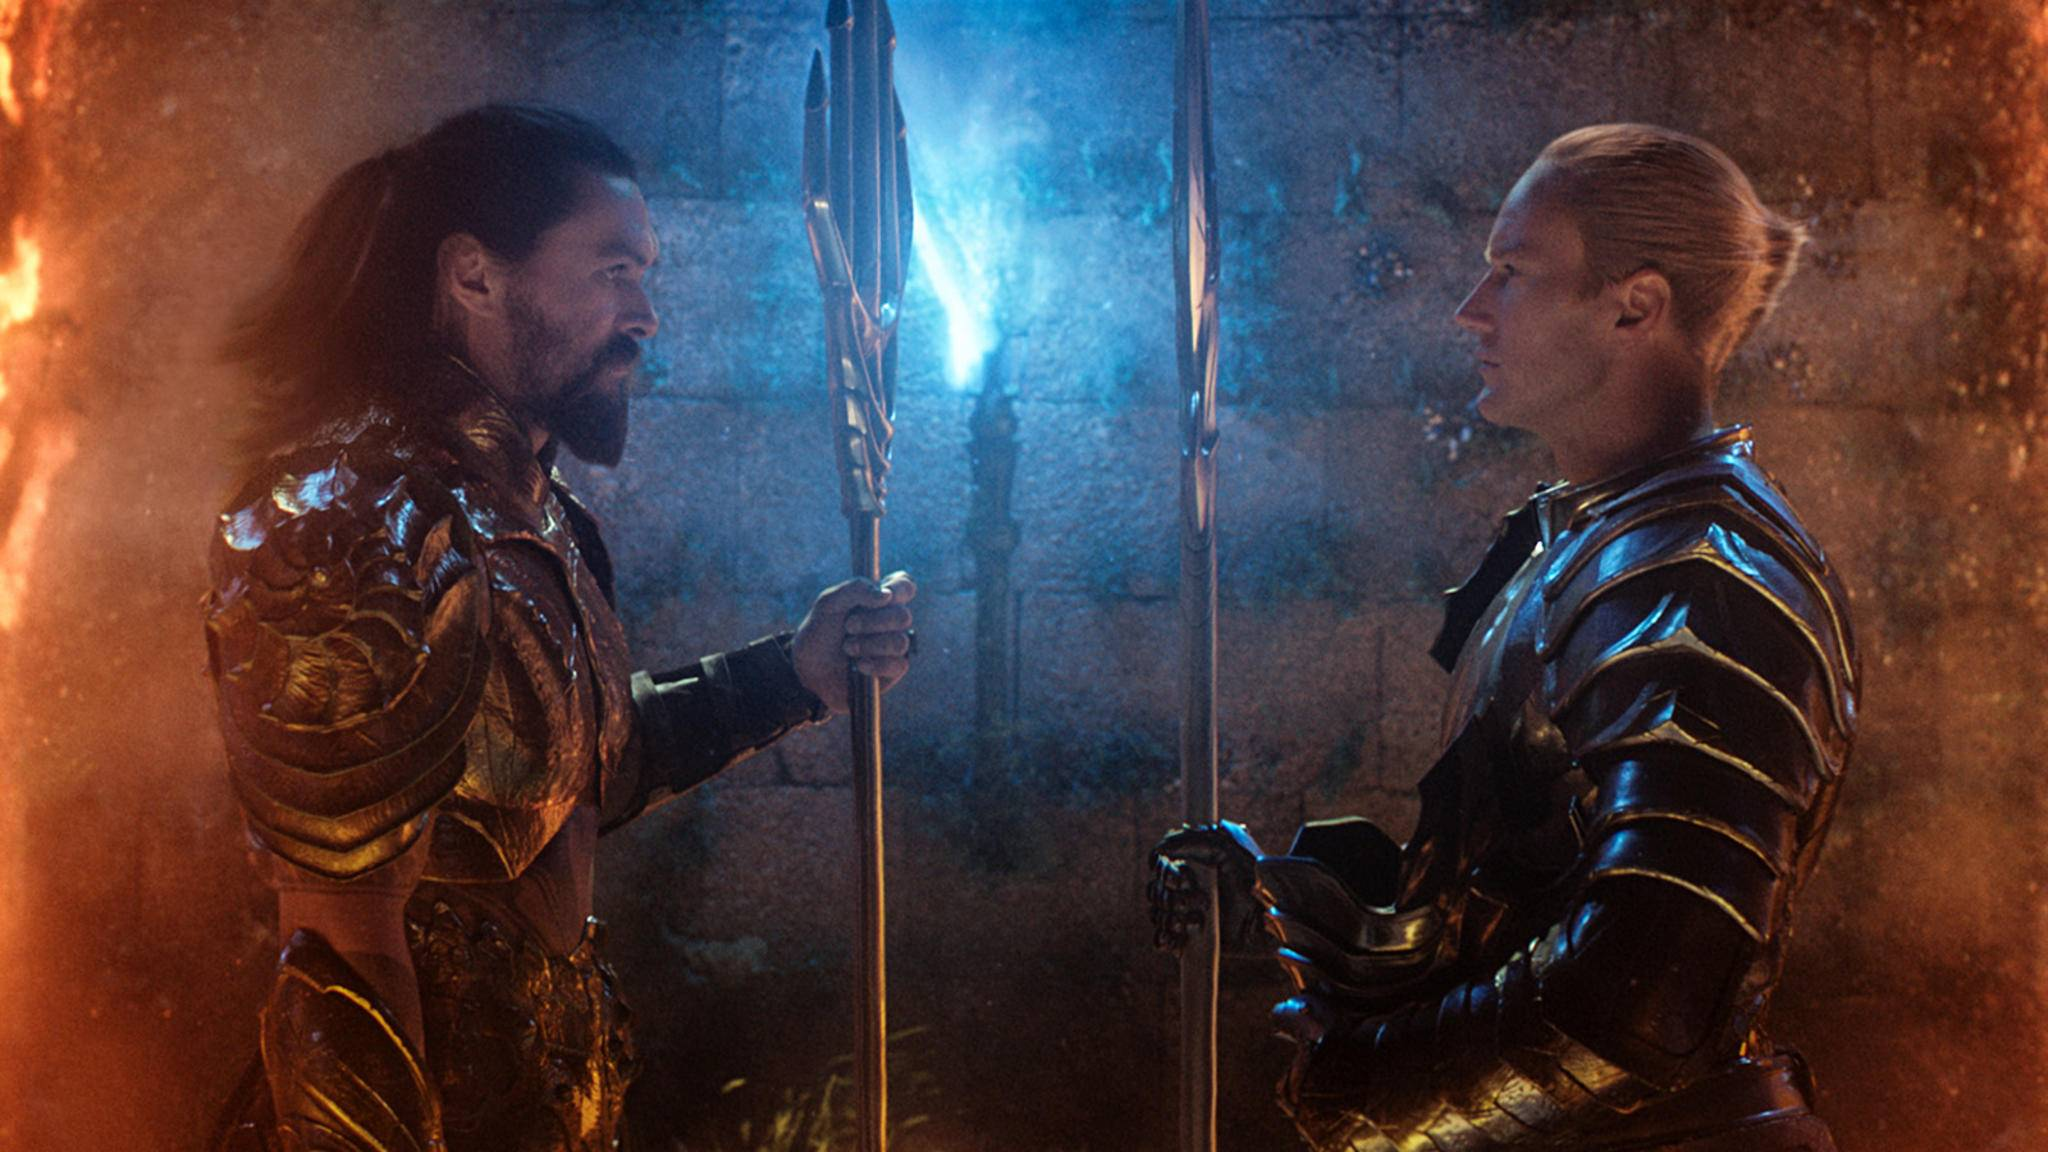 Schau mir in die Augen, Kleiner: Kommt es zu einem weiteren Face-off zwischen Aquaman und Ocean Master?